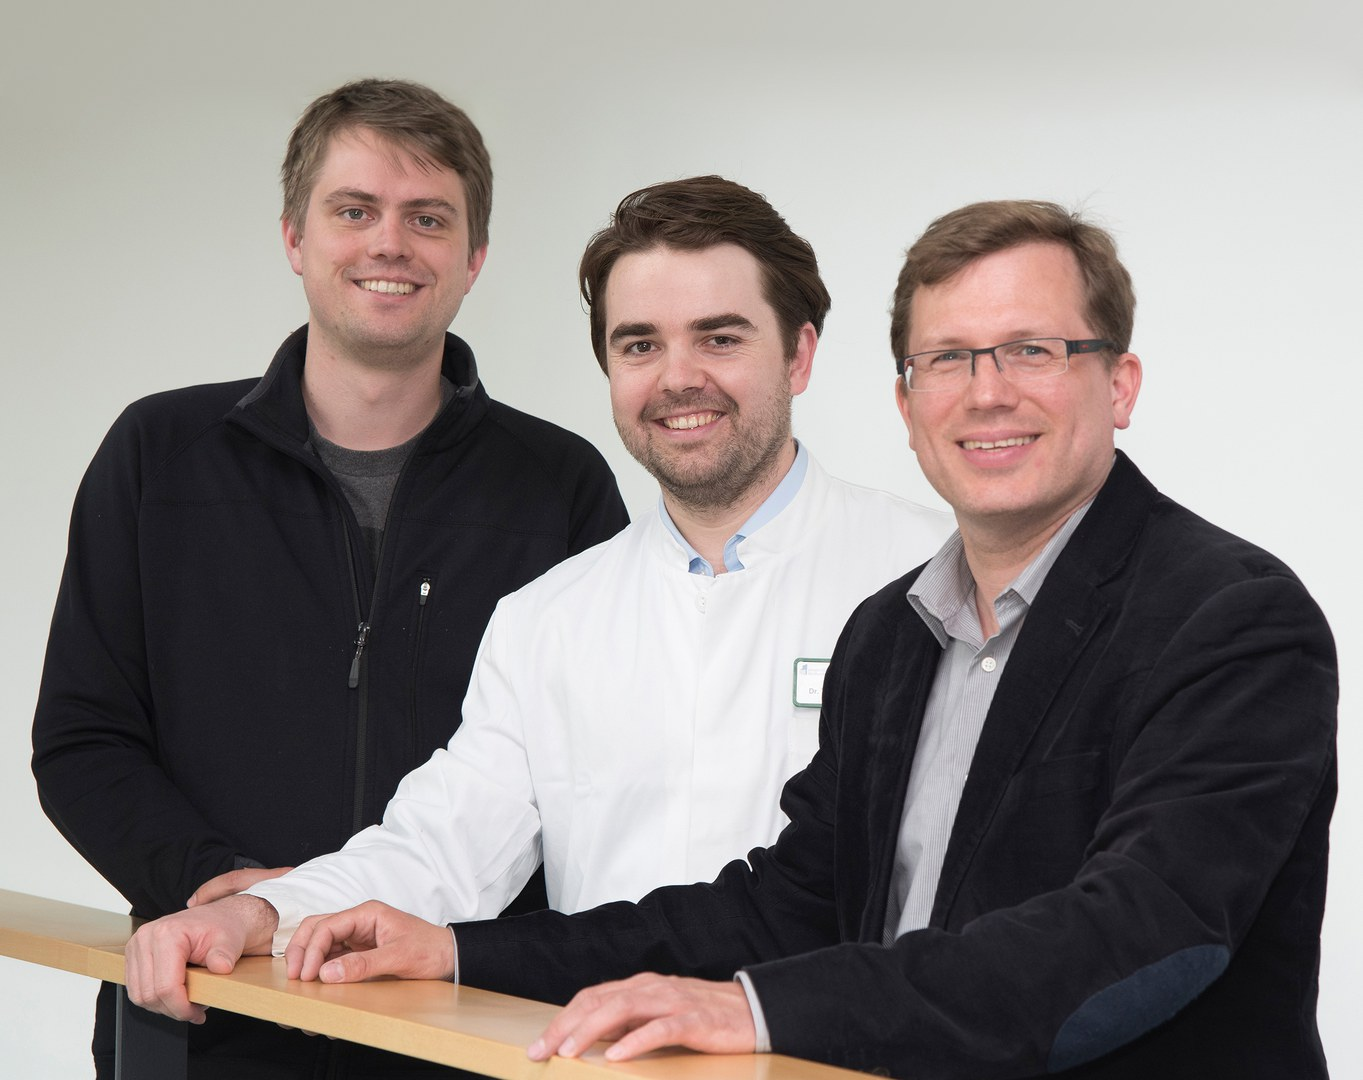 Dr. Tobias Brügmann, Dr. Tobias van Bremen und Juniorprofessor Dr. Philipp Sasse